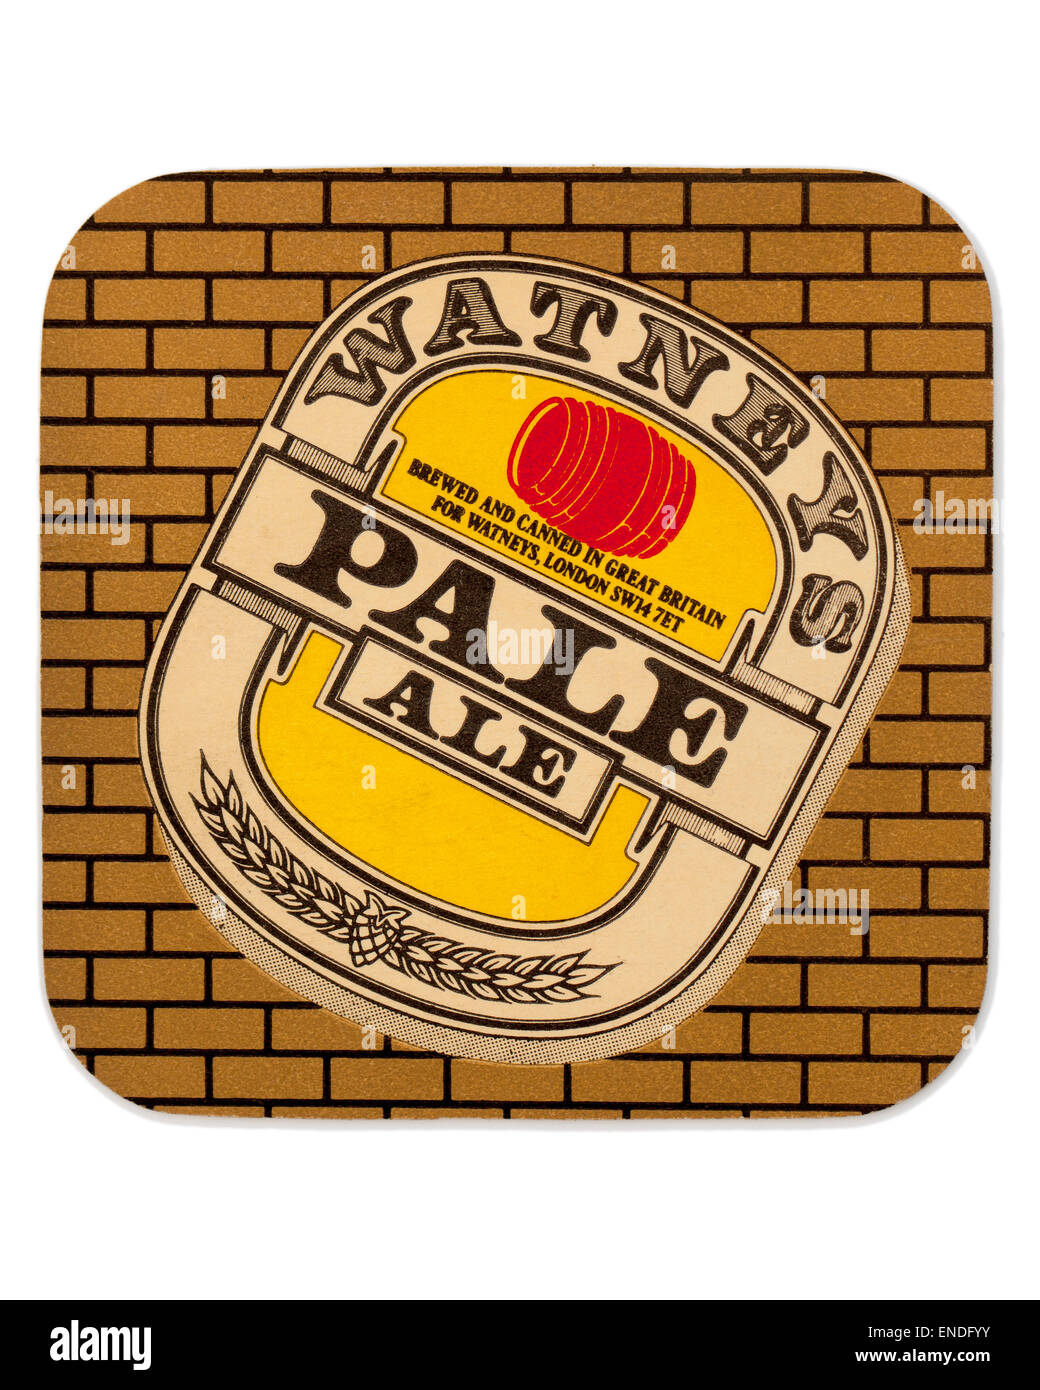 Vintage British Beer Mat Advertising Watneys Pale Ale Beer Stock Photo